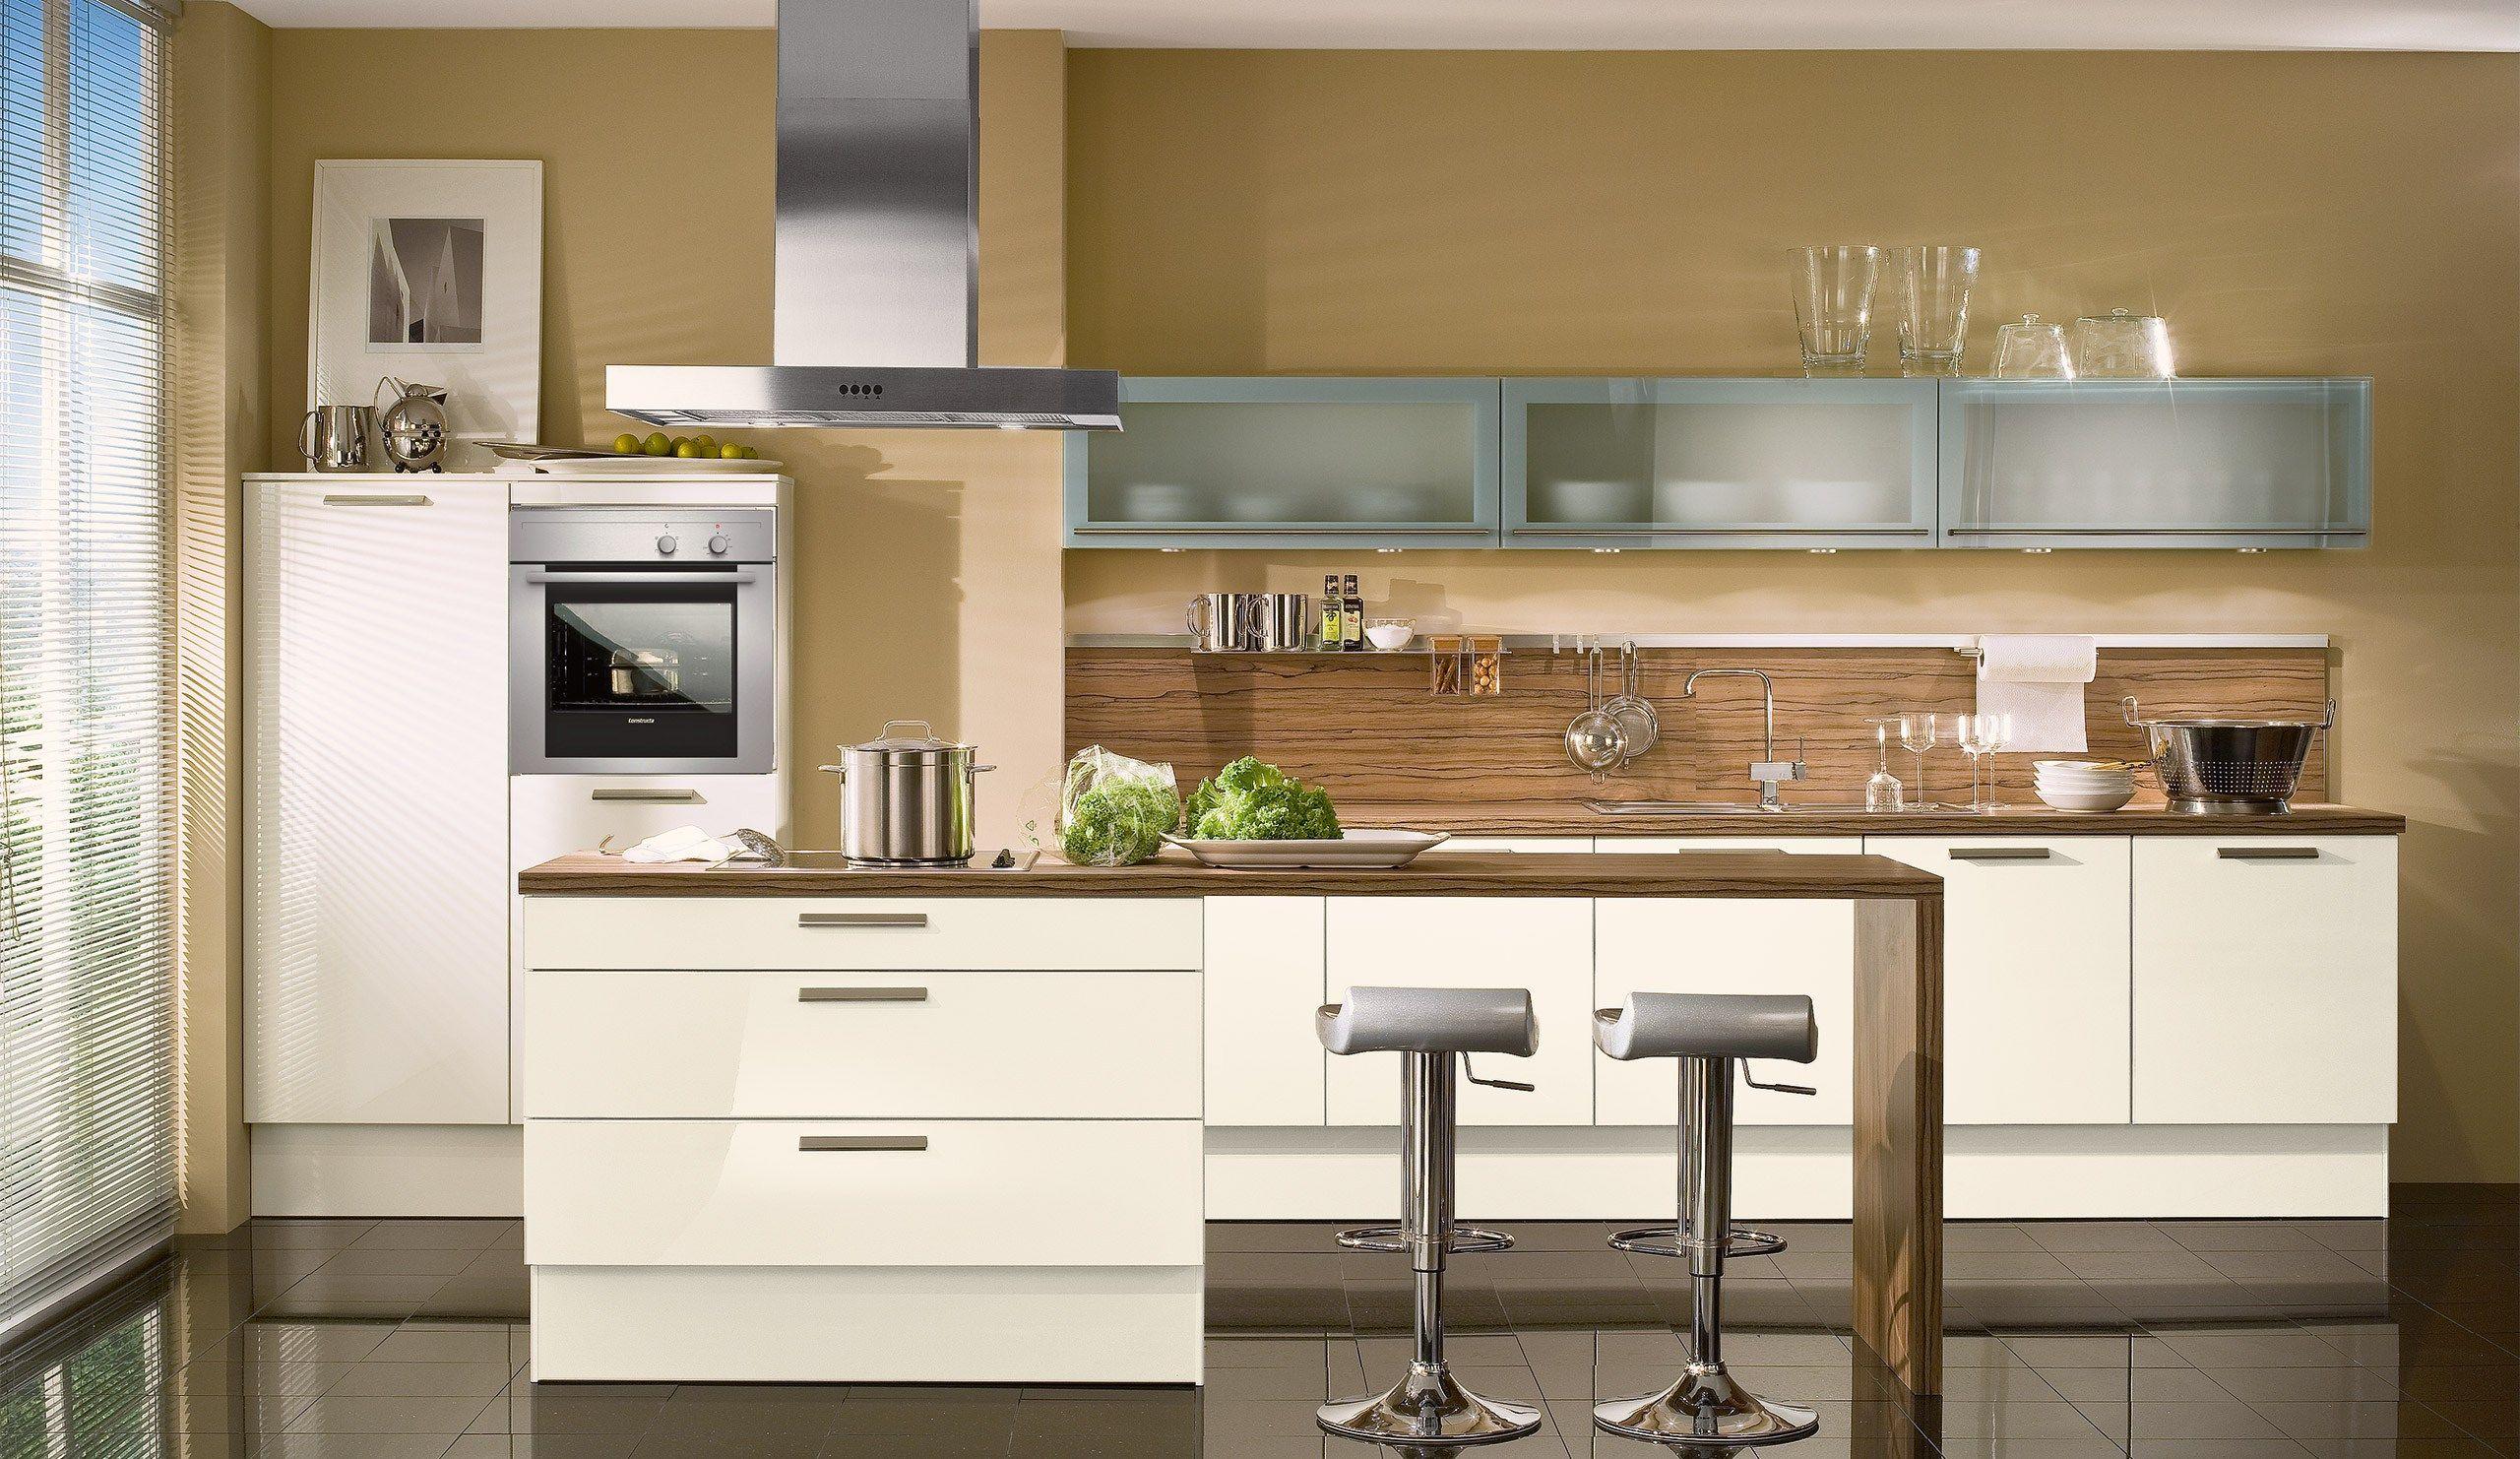 Küche Magnolia bildergebnis für küche magnolia hochglanz farben küche